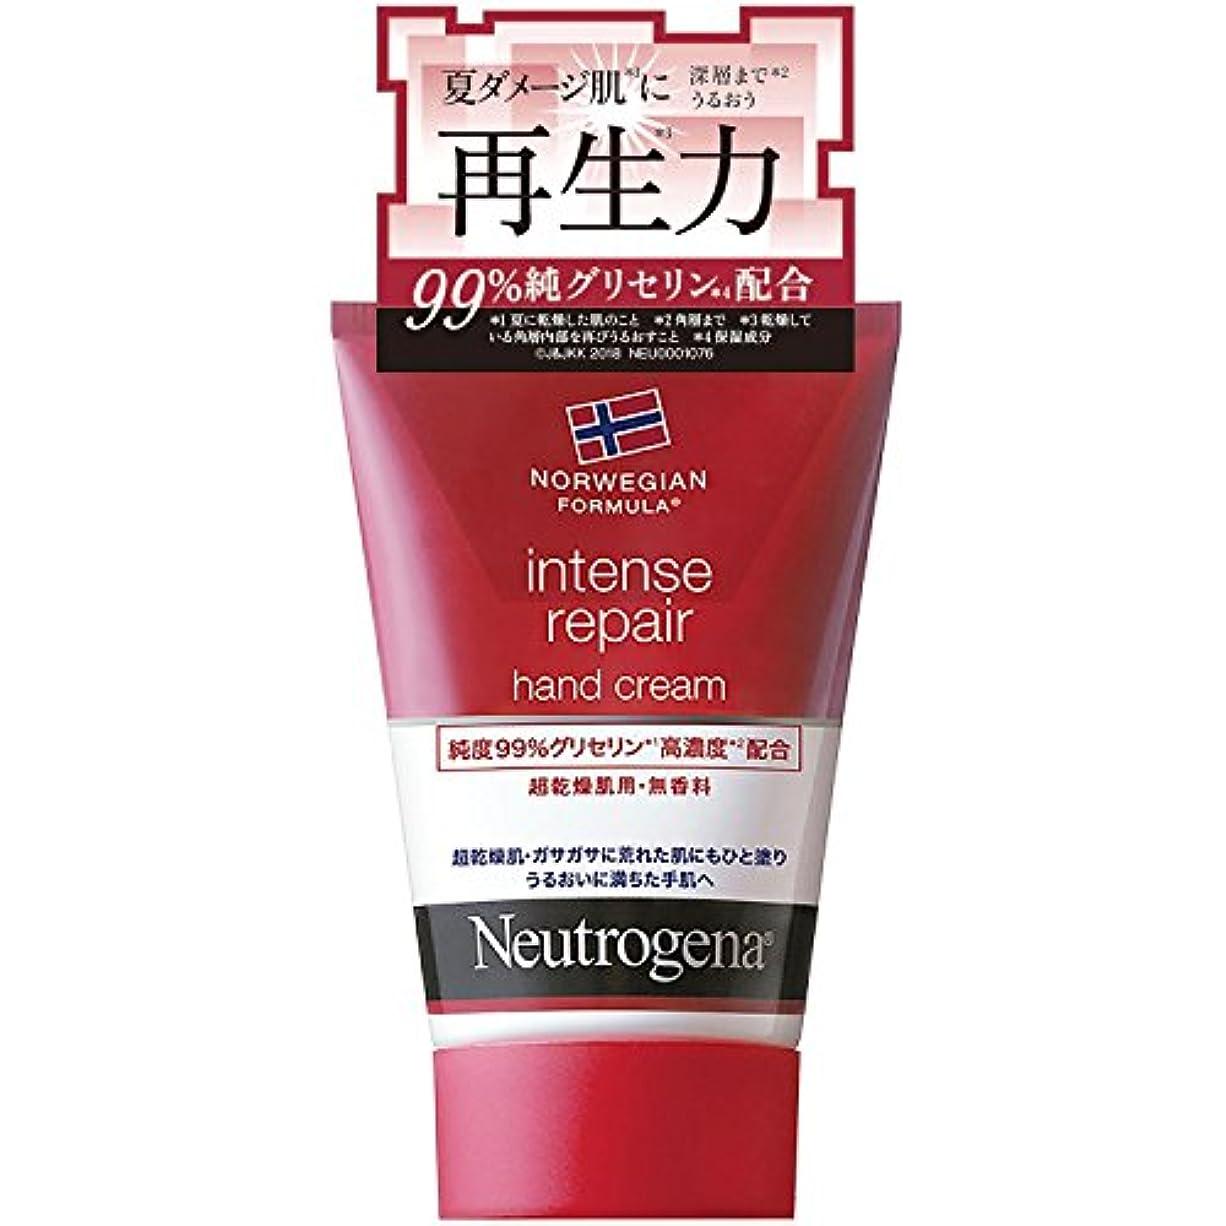 事実上バンカー吸収剤Neutrogena(ニュートロジーナ) ノルウェーフォーミュラ インテンスリペア ハンドクリーム 超乾燥肌用 無香料 単品 50g